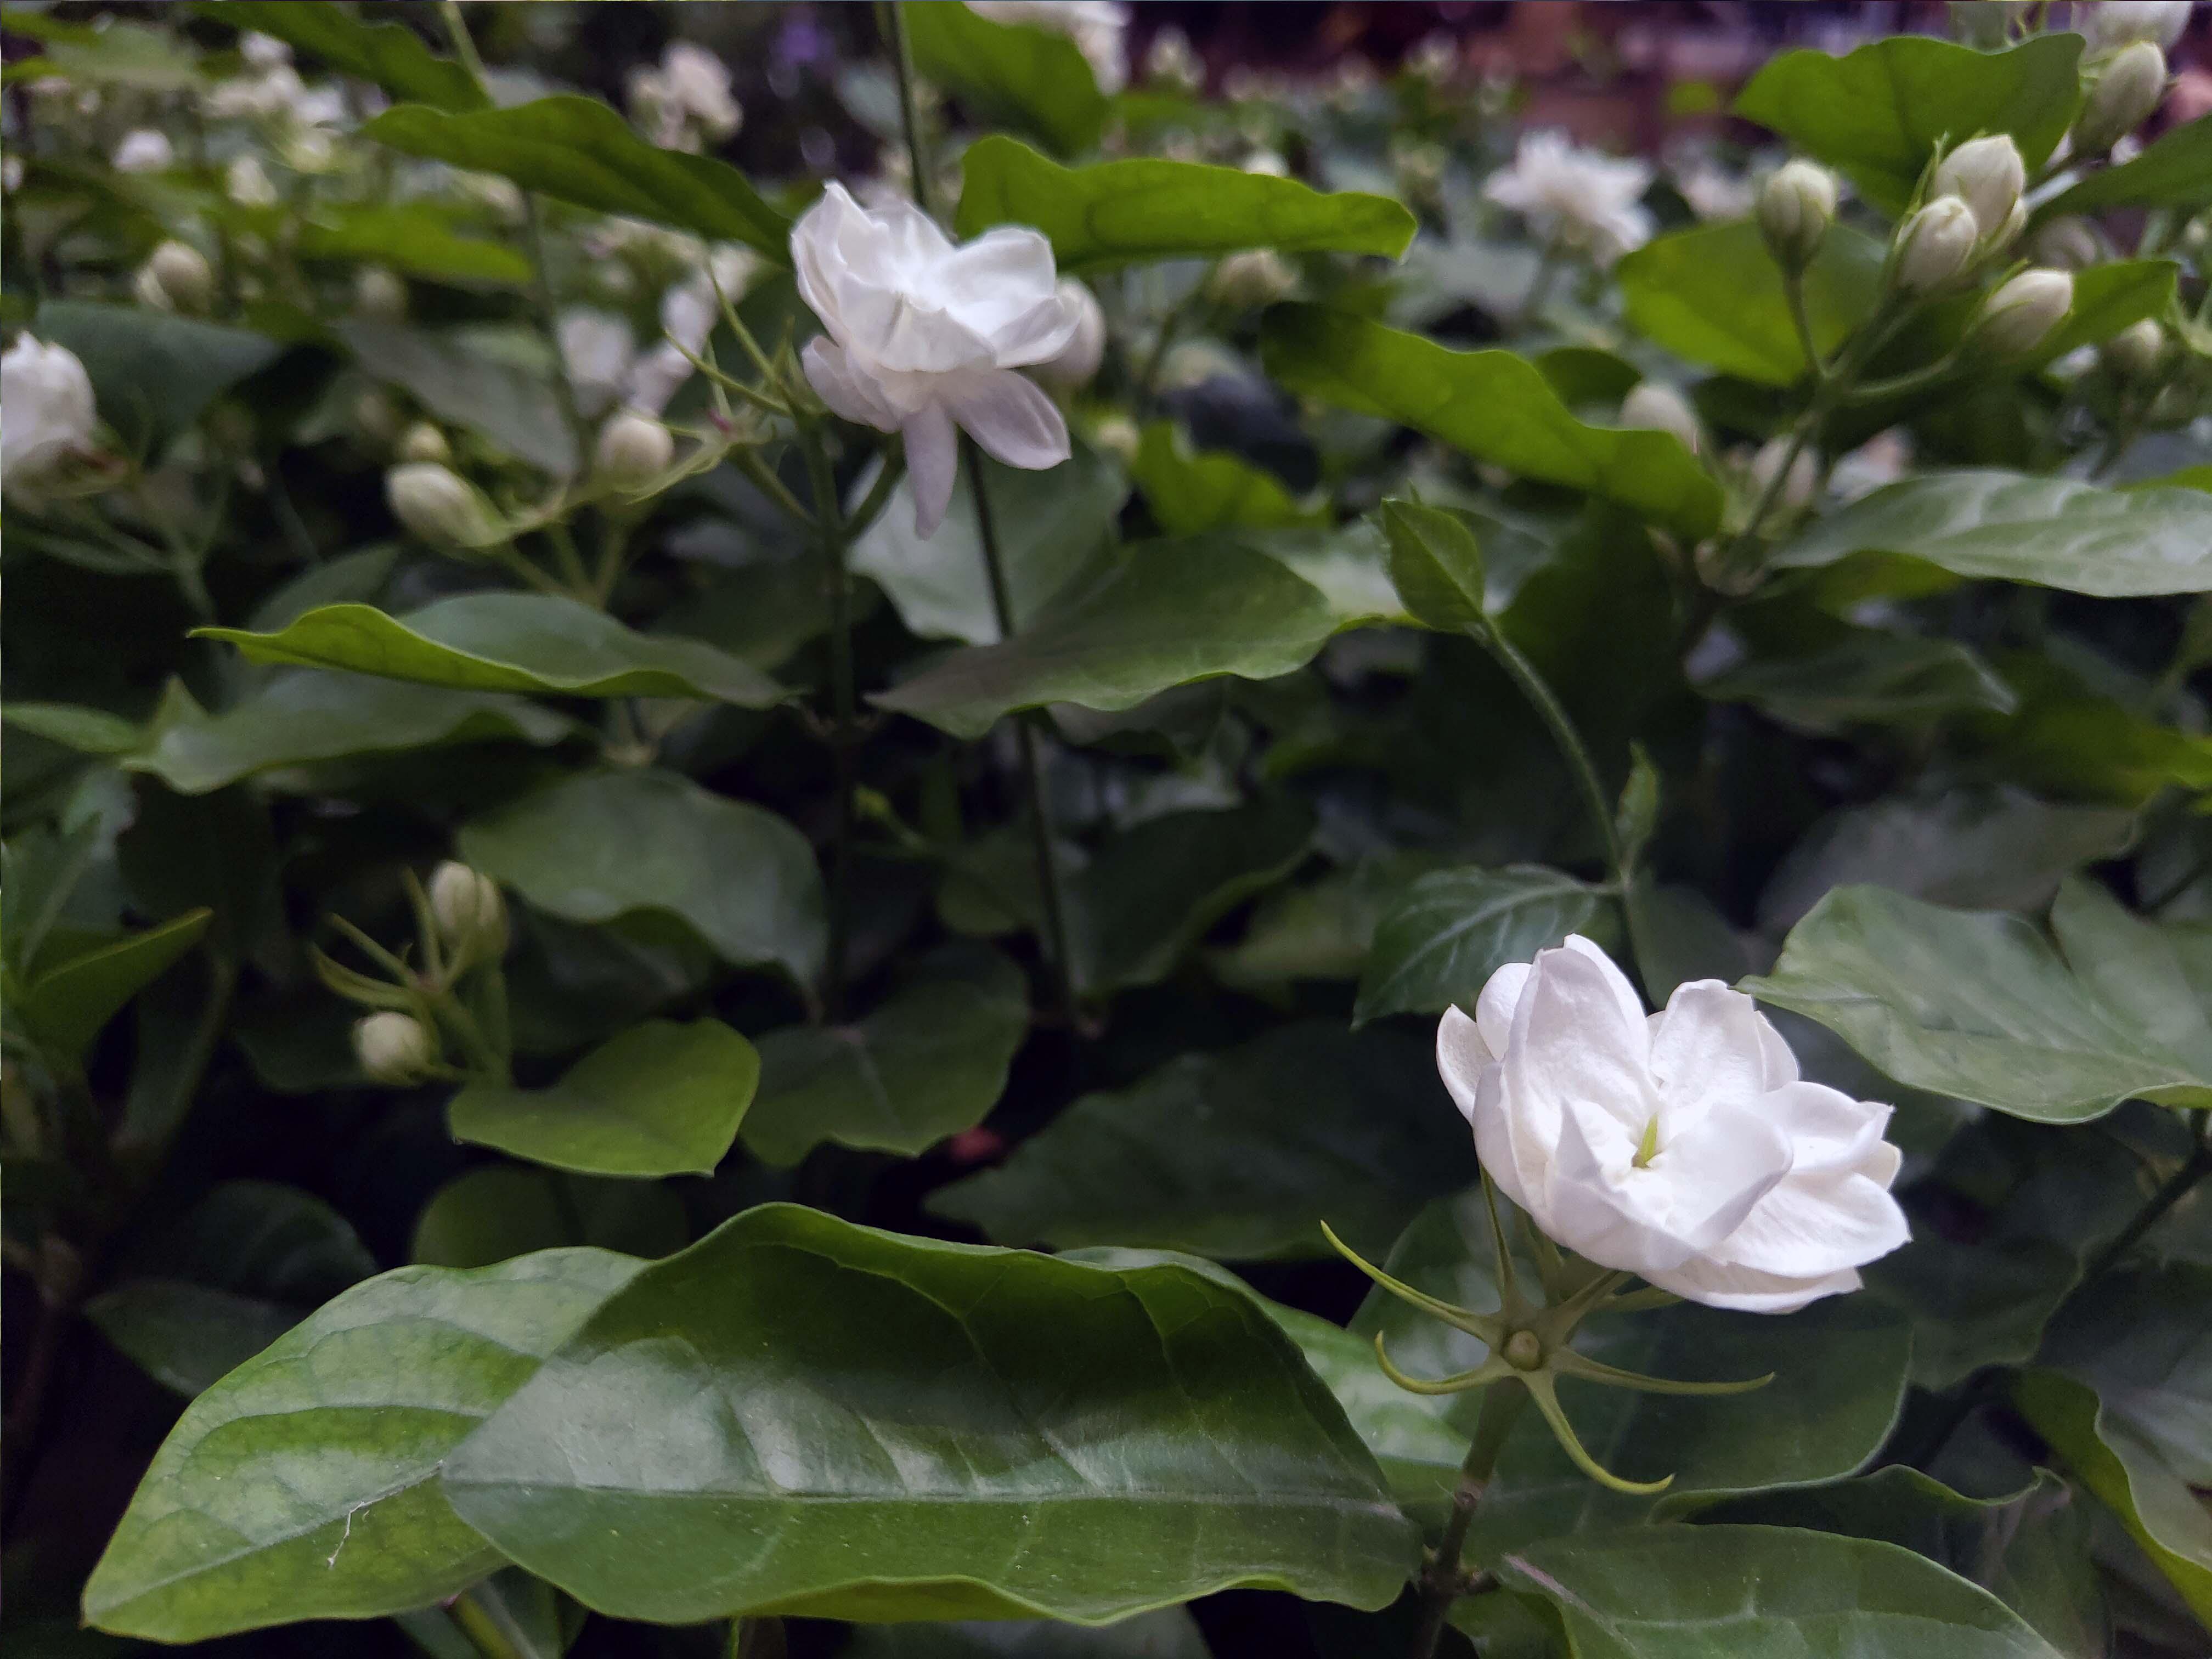 芬芳美丽满枝桠--香花之首茉莉